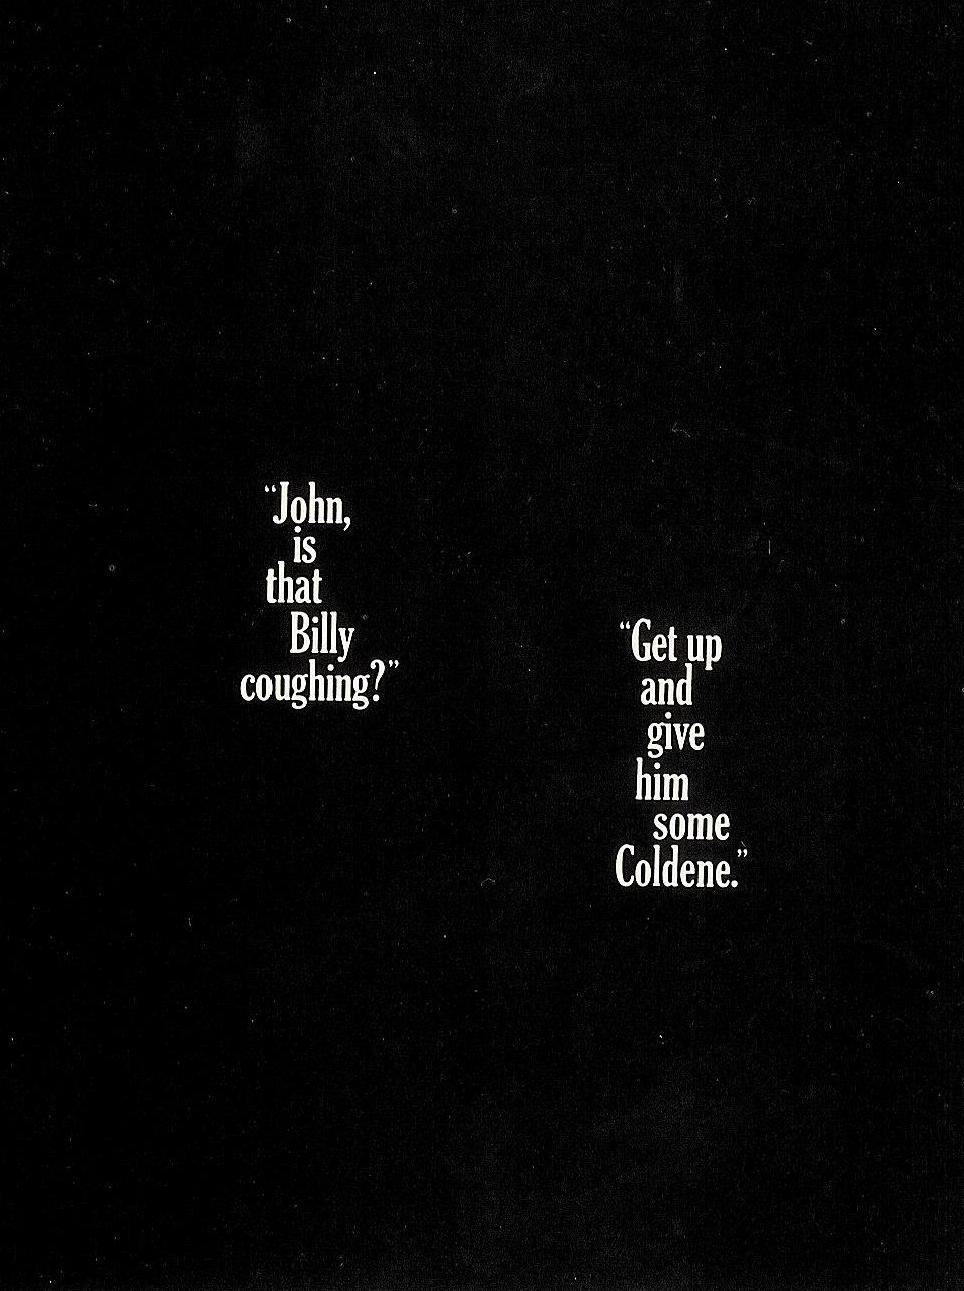 [ColdeneAd1961]